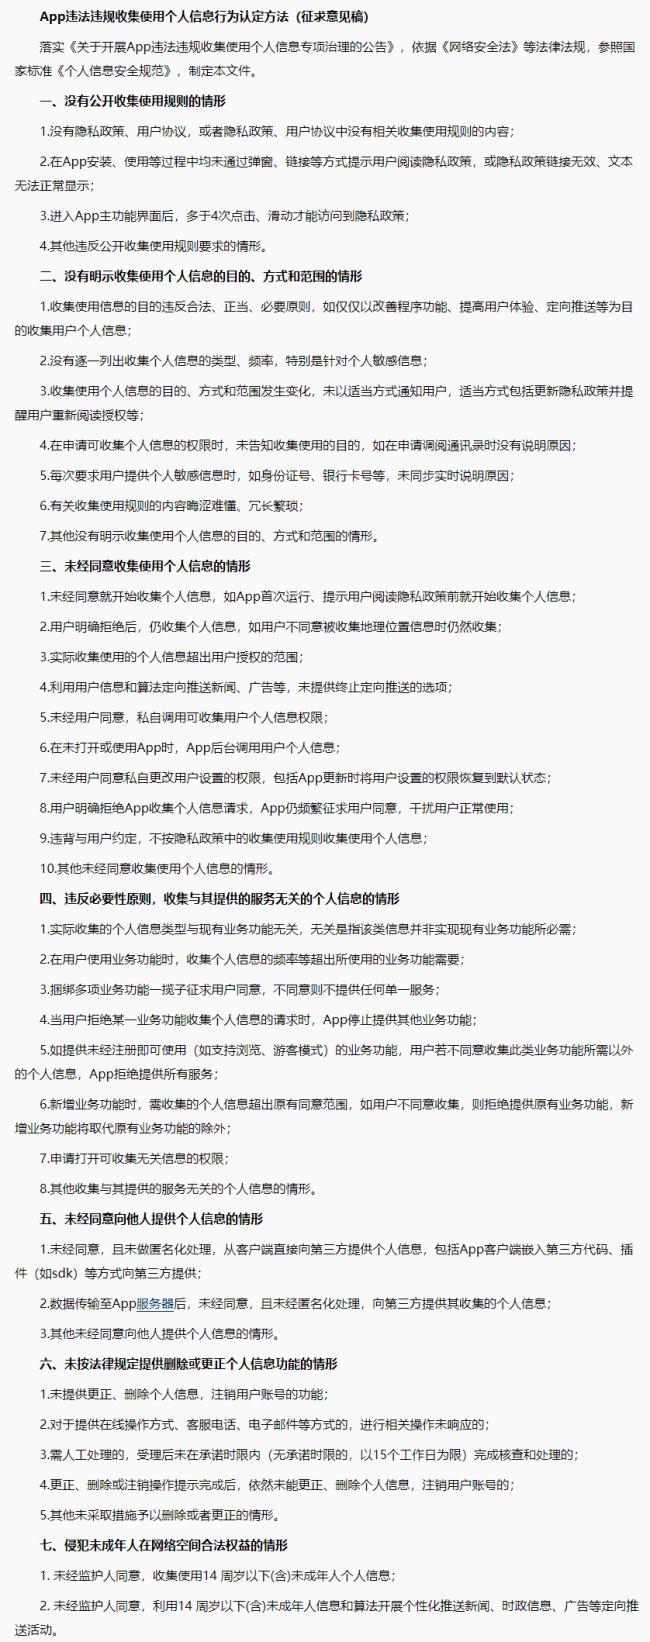 网信办征求意见:App这些行为属违法违规收集个人信息 - 安全 - cnBeta.COM_20190507092945